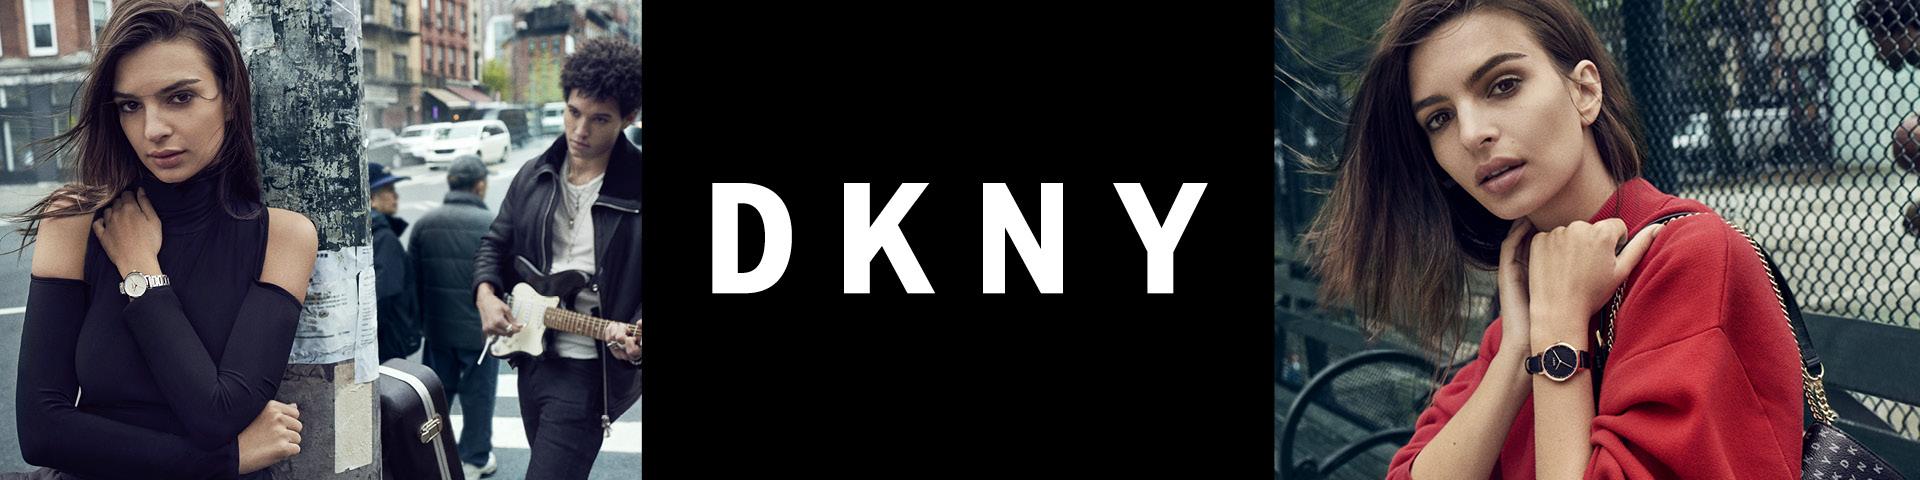 DKNY Jakker   Damer   Køb din nye jakke online på Zalando.dk